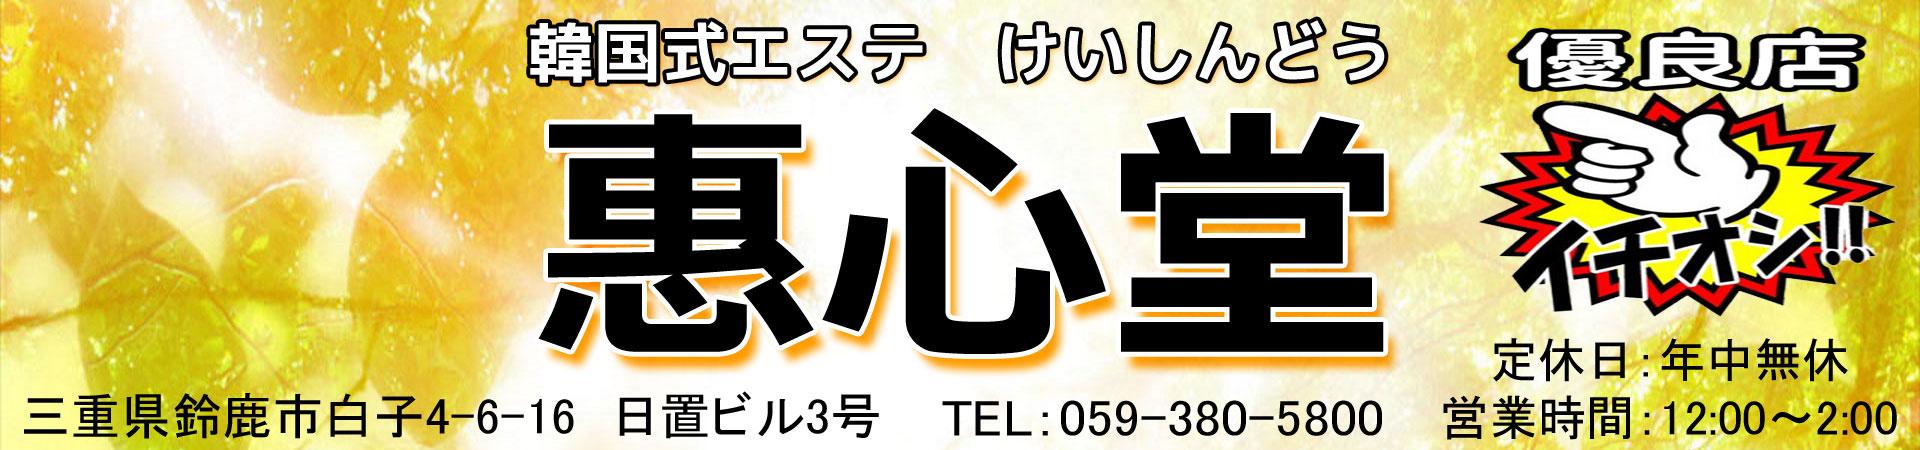 非公開: 【恵心堂】鈴鹿/三重